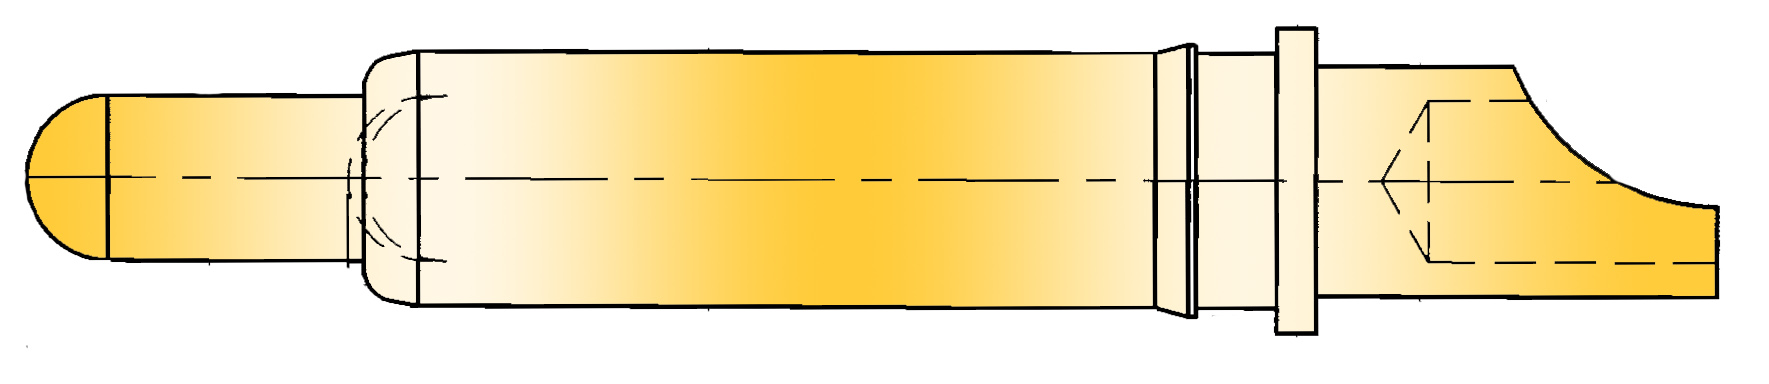 Federkontakt High Current Hochstrom